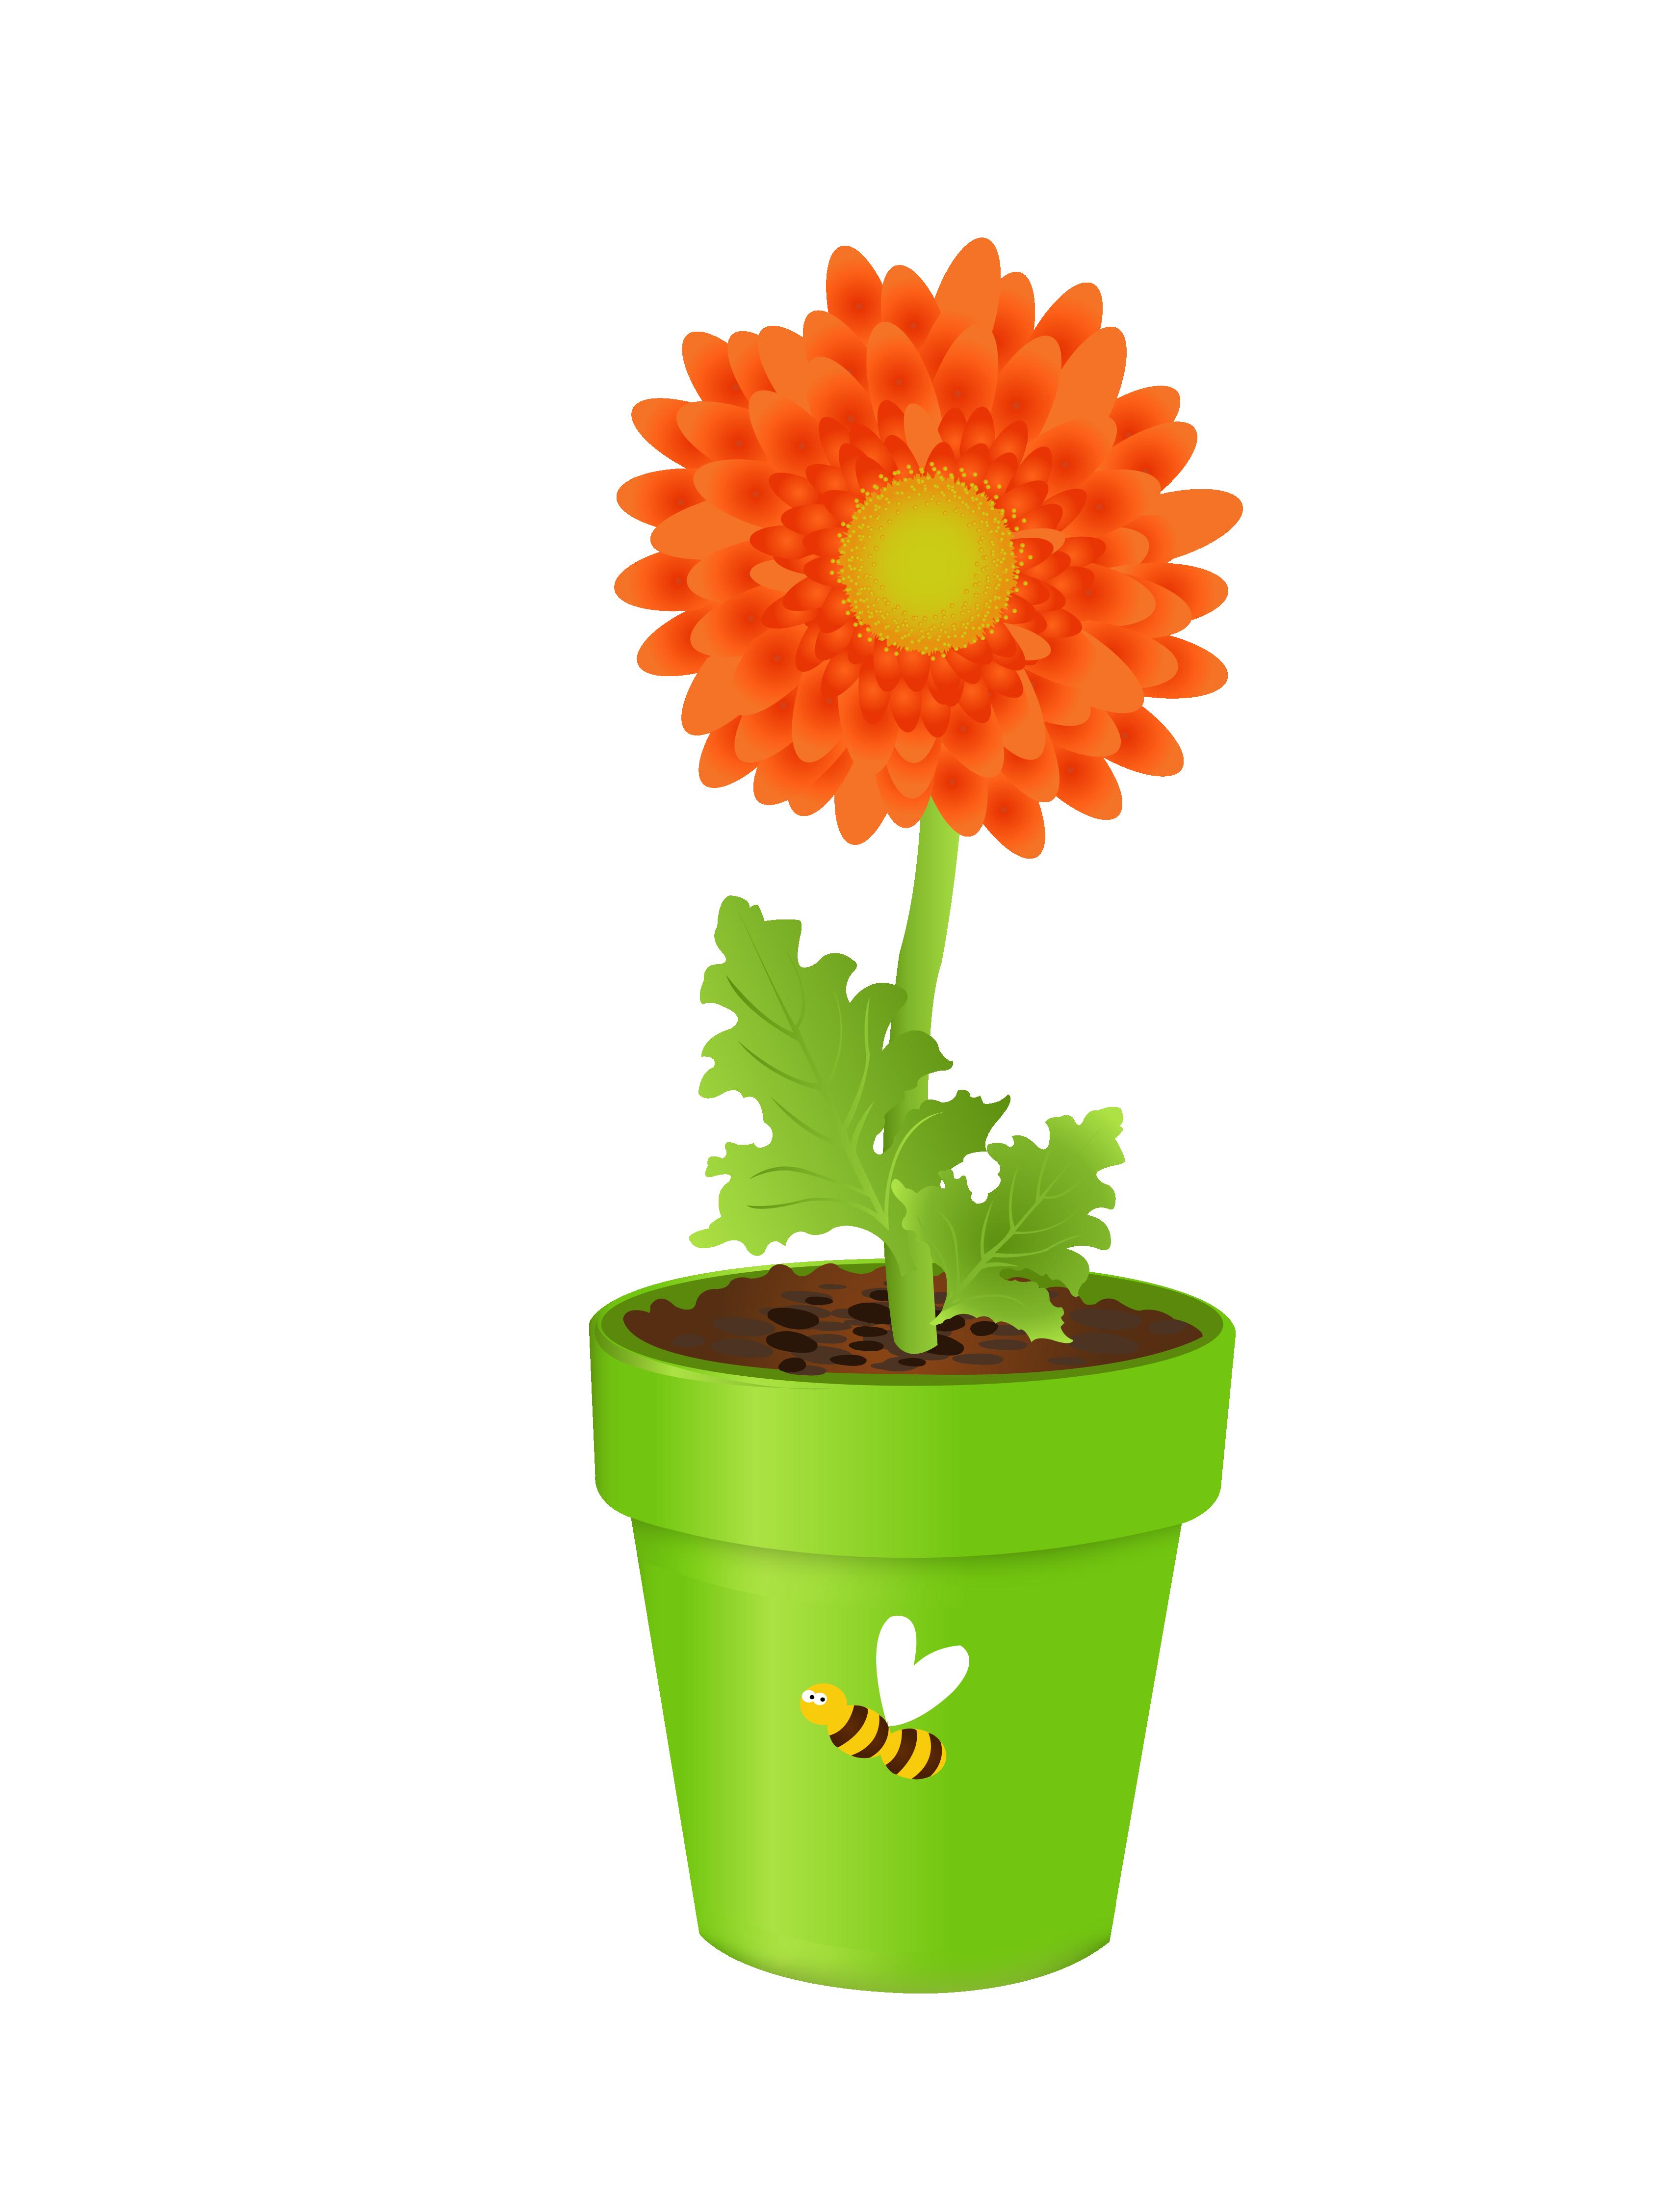 Flower in vase clipart jpg library Flowerpot Vase Clip art - Sunflower 3425*4490 transprent Png Free ... jpg library